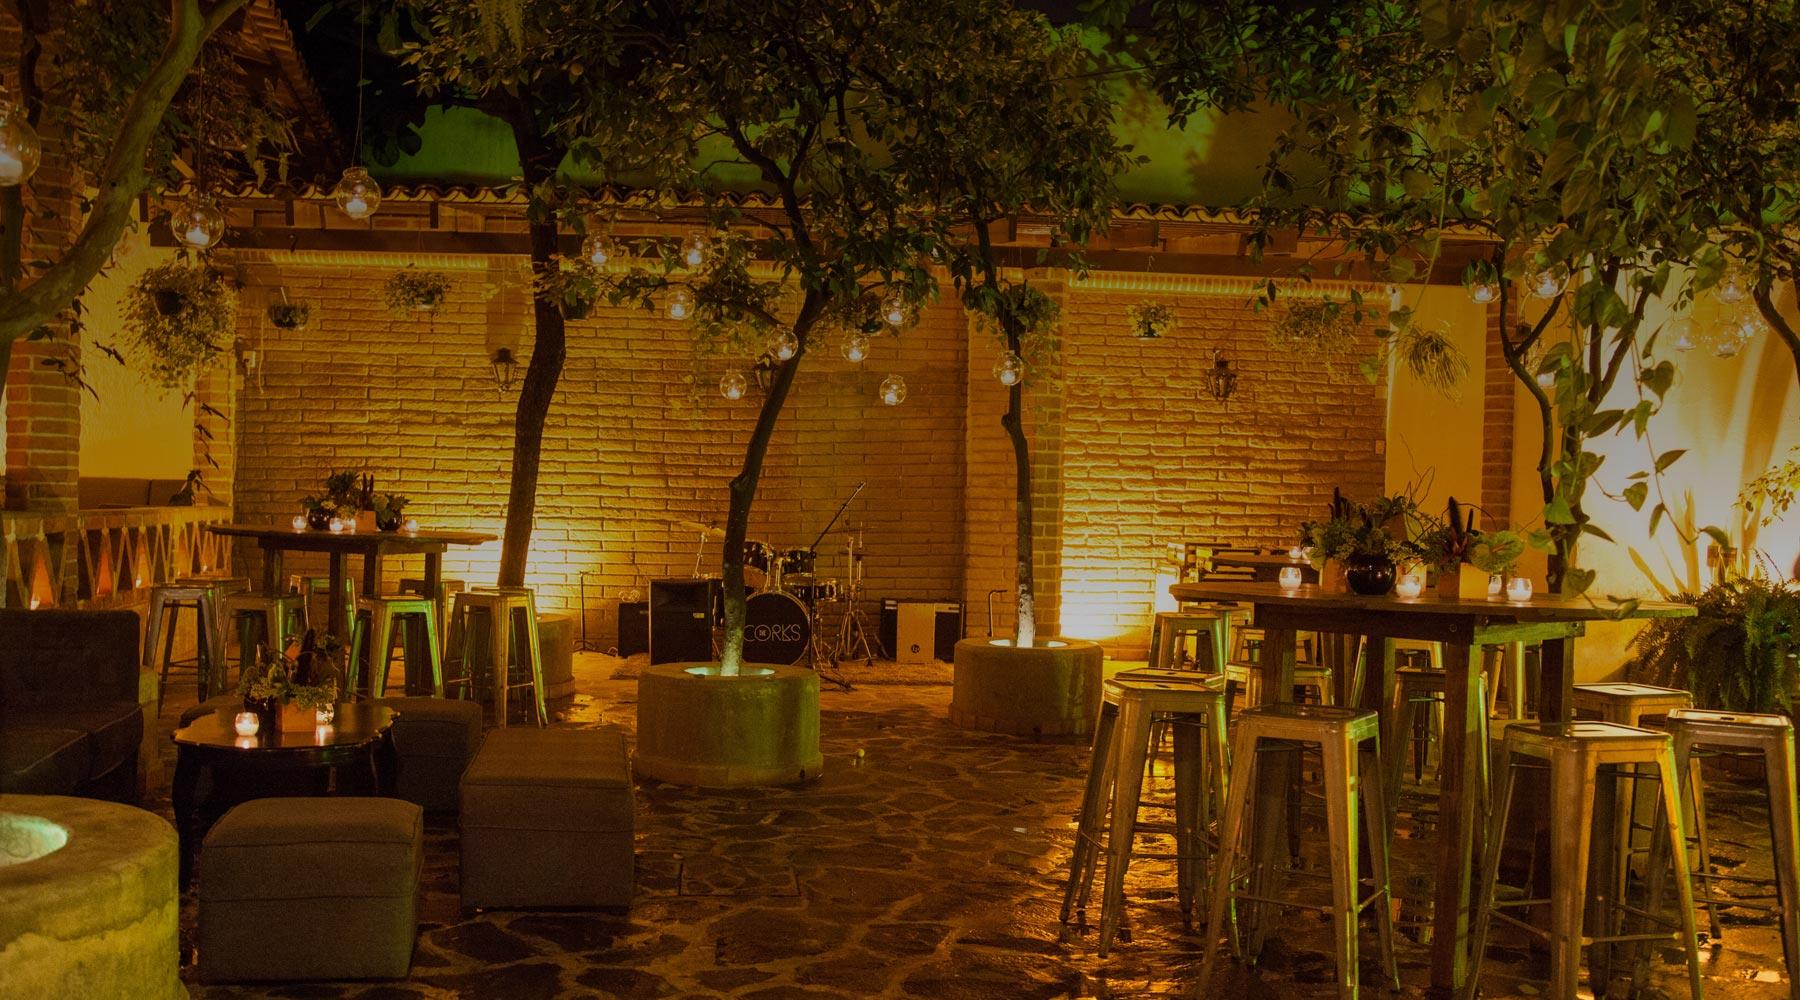 Restaurante Kamilos 333 Desde 1975